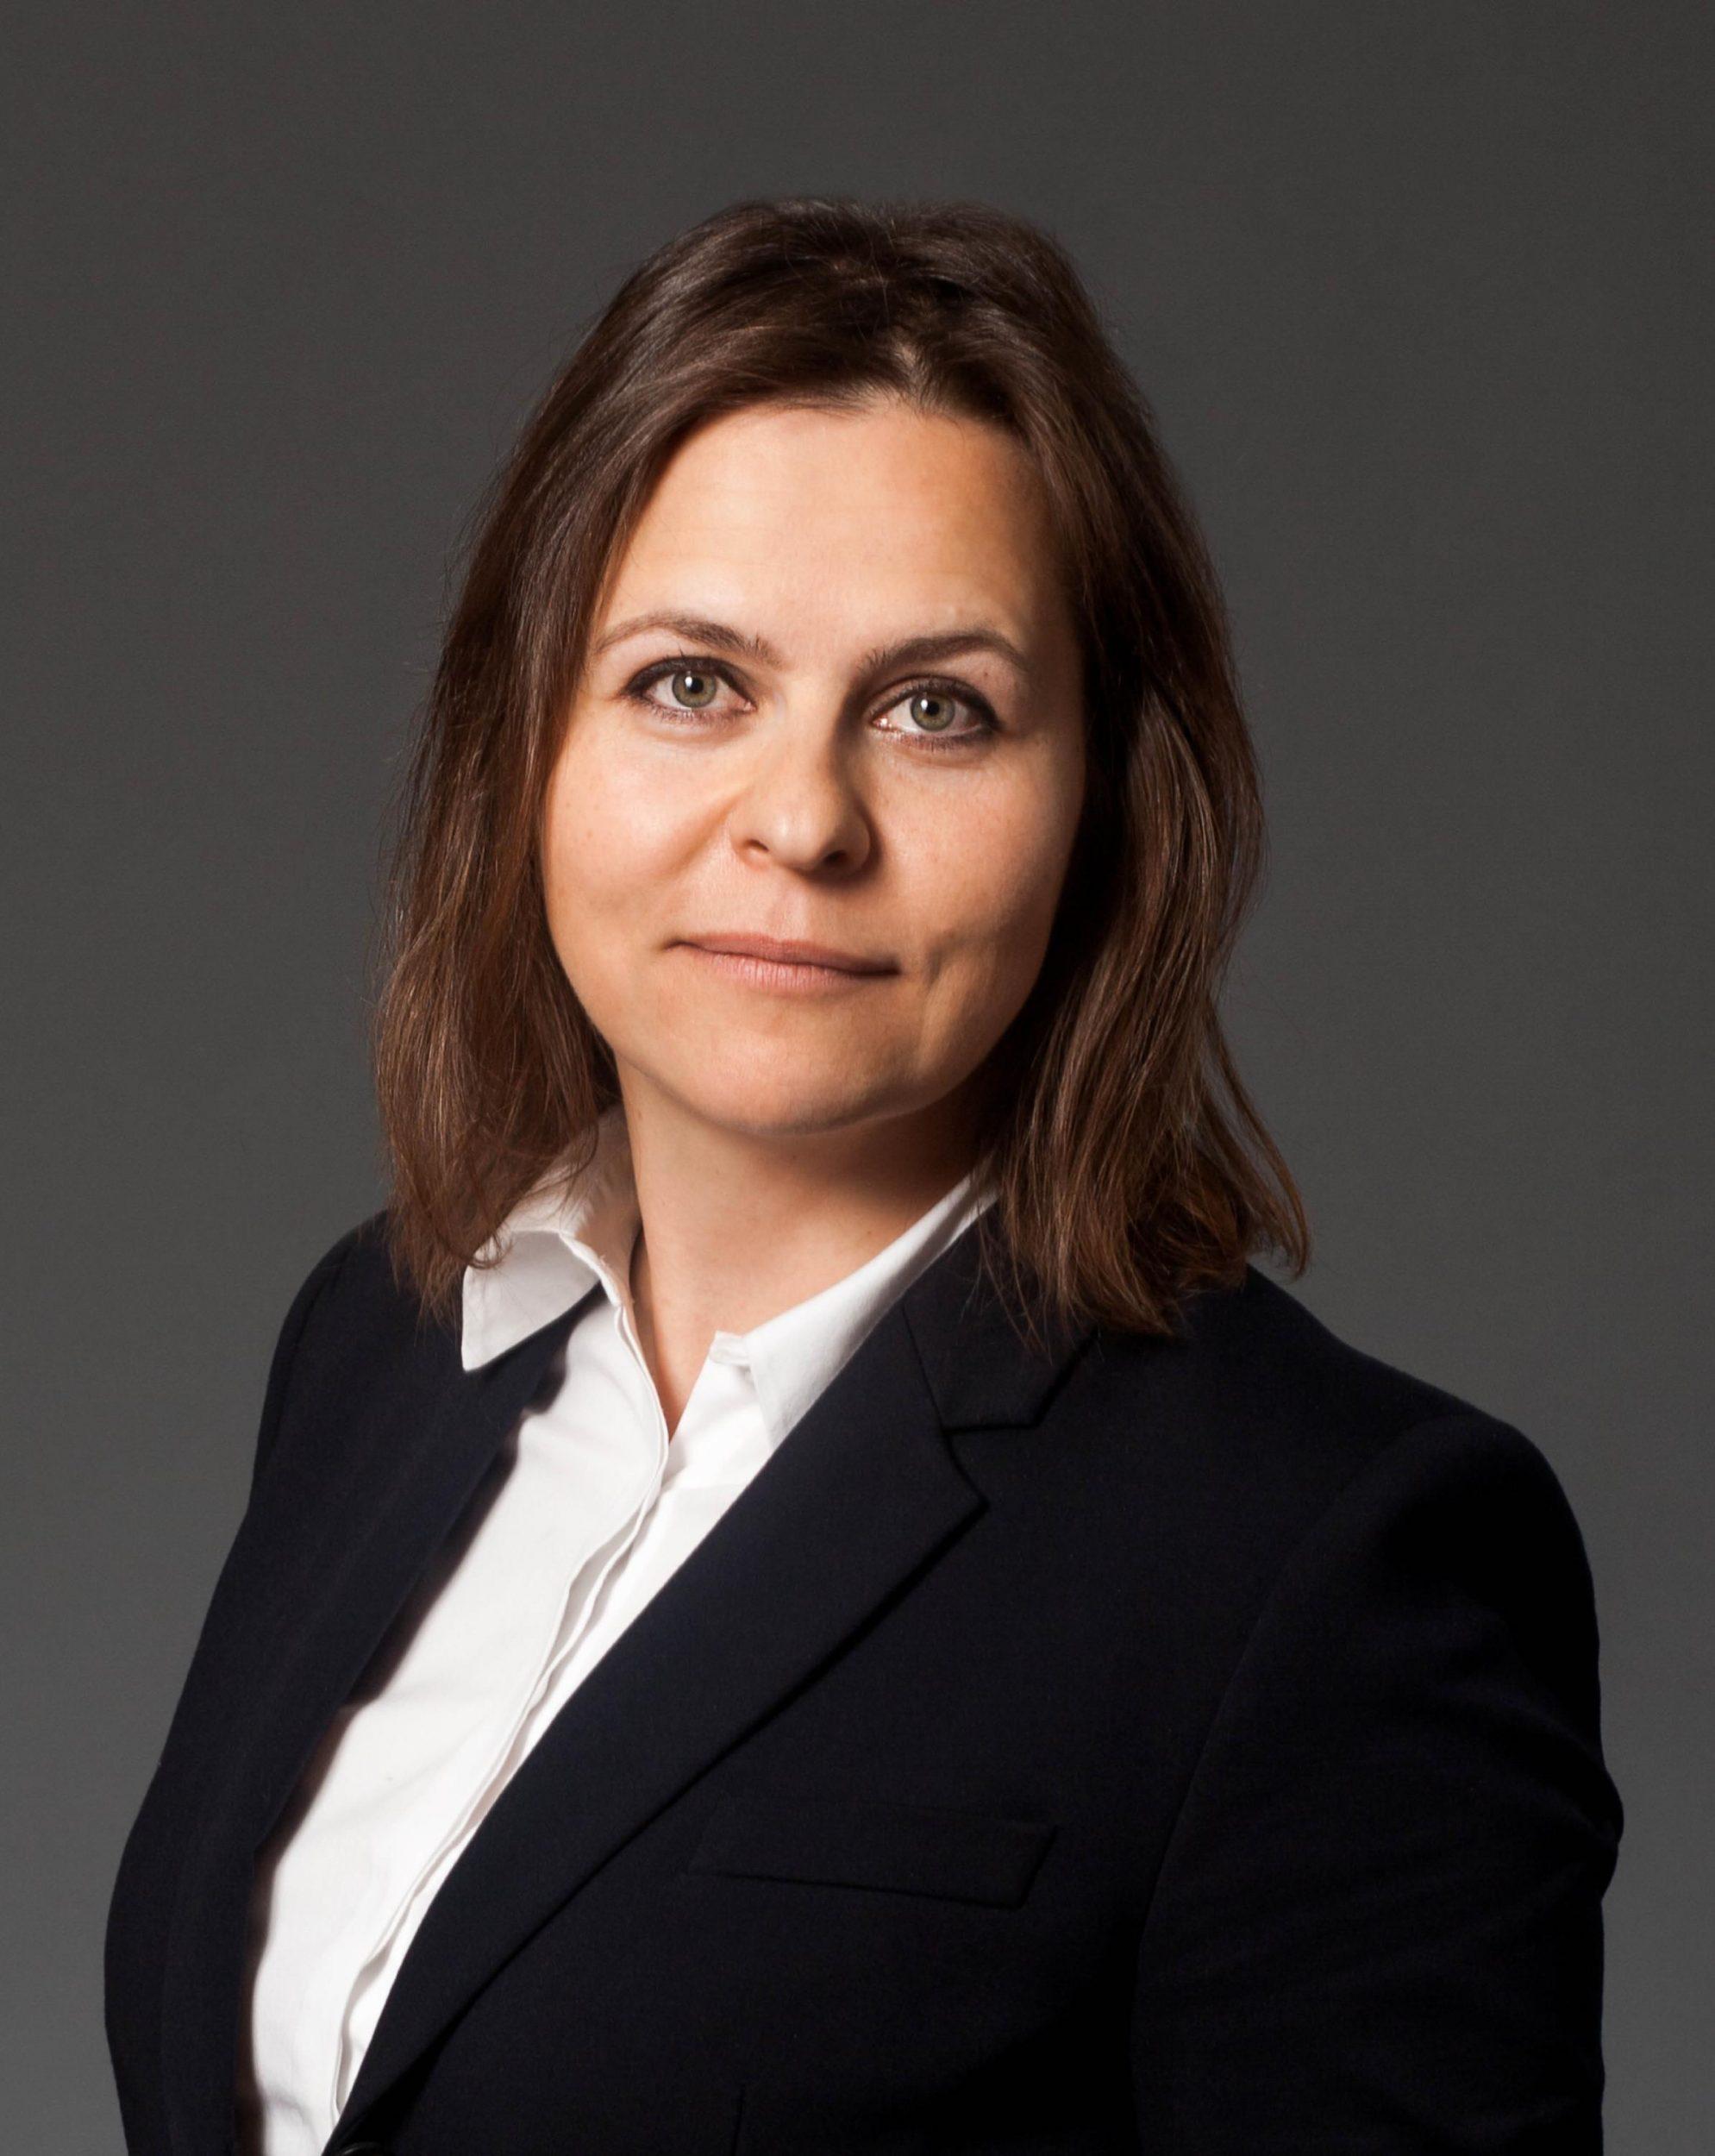 Anna Sukharina